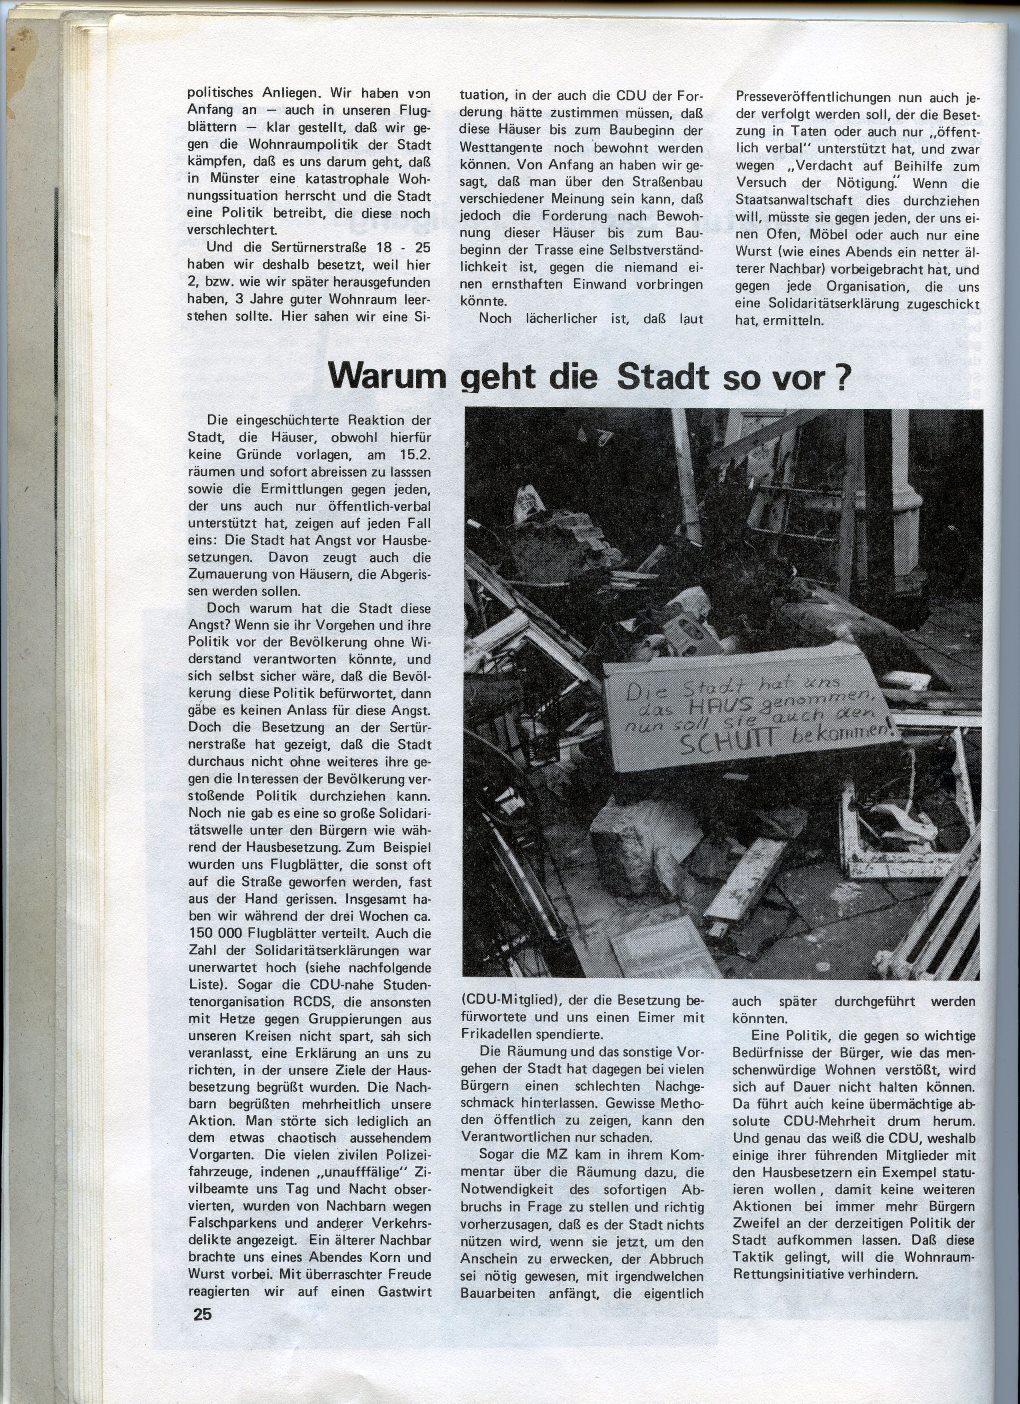 Muenster_Hausbesetzung_1980_26